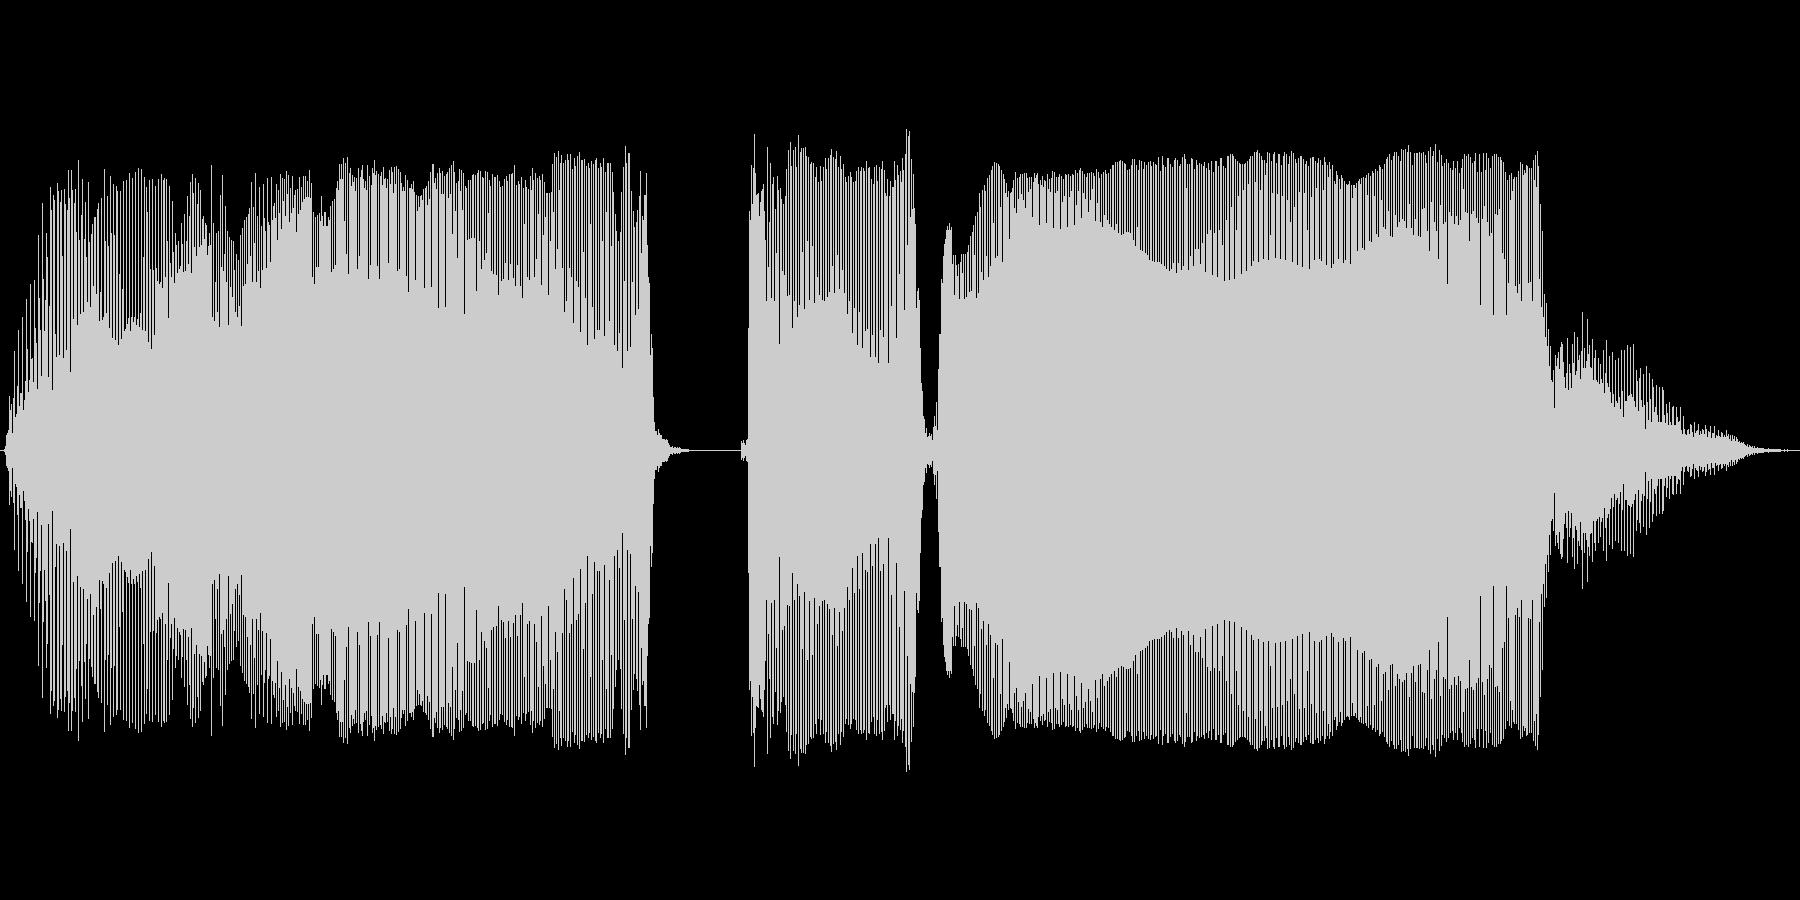 大当たり~の未再生の波形